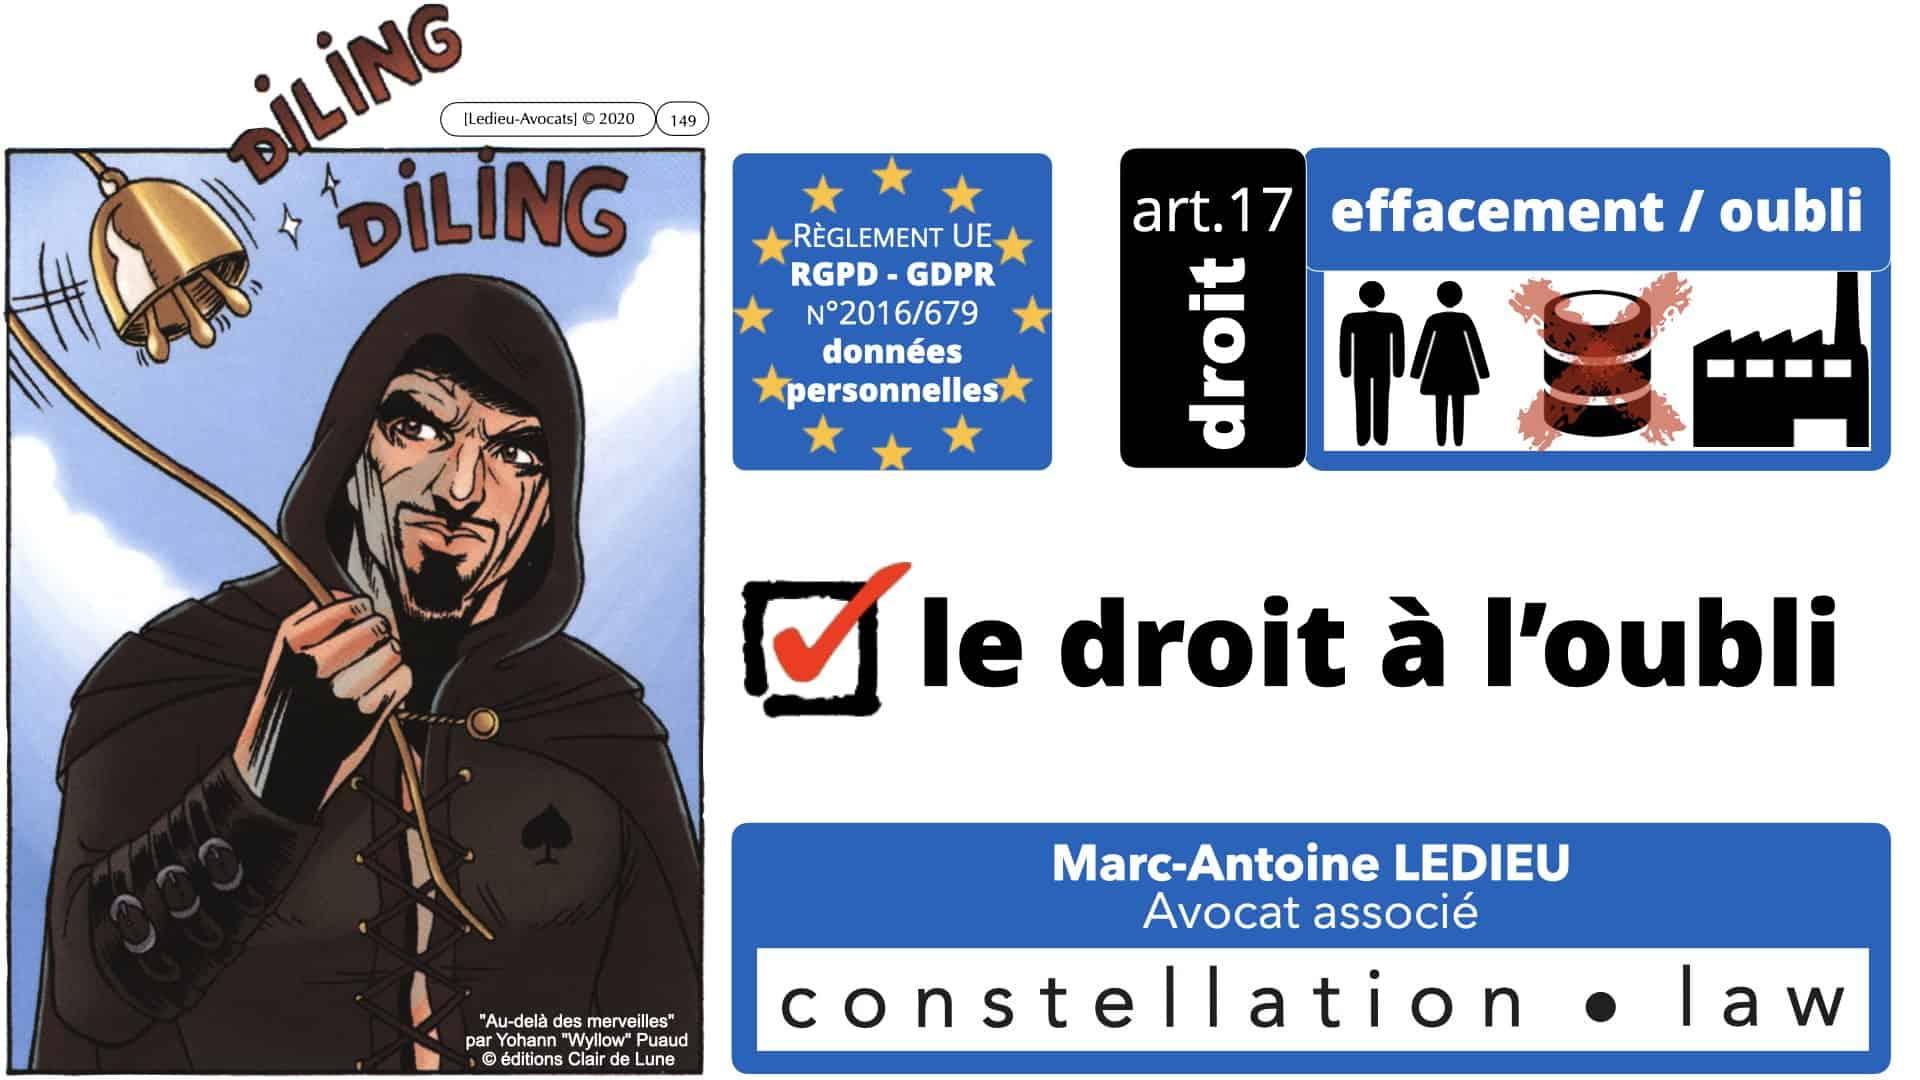 RGPD e-Privacy données personnelles jurisprudence formation Lamy Les Echos 10-02-2021 ©Ledieu-Avocats.149